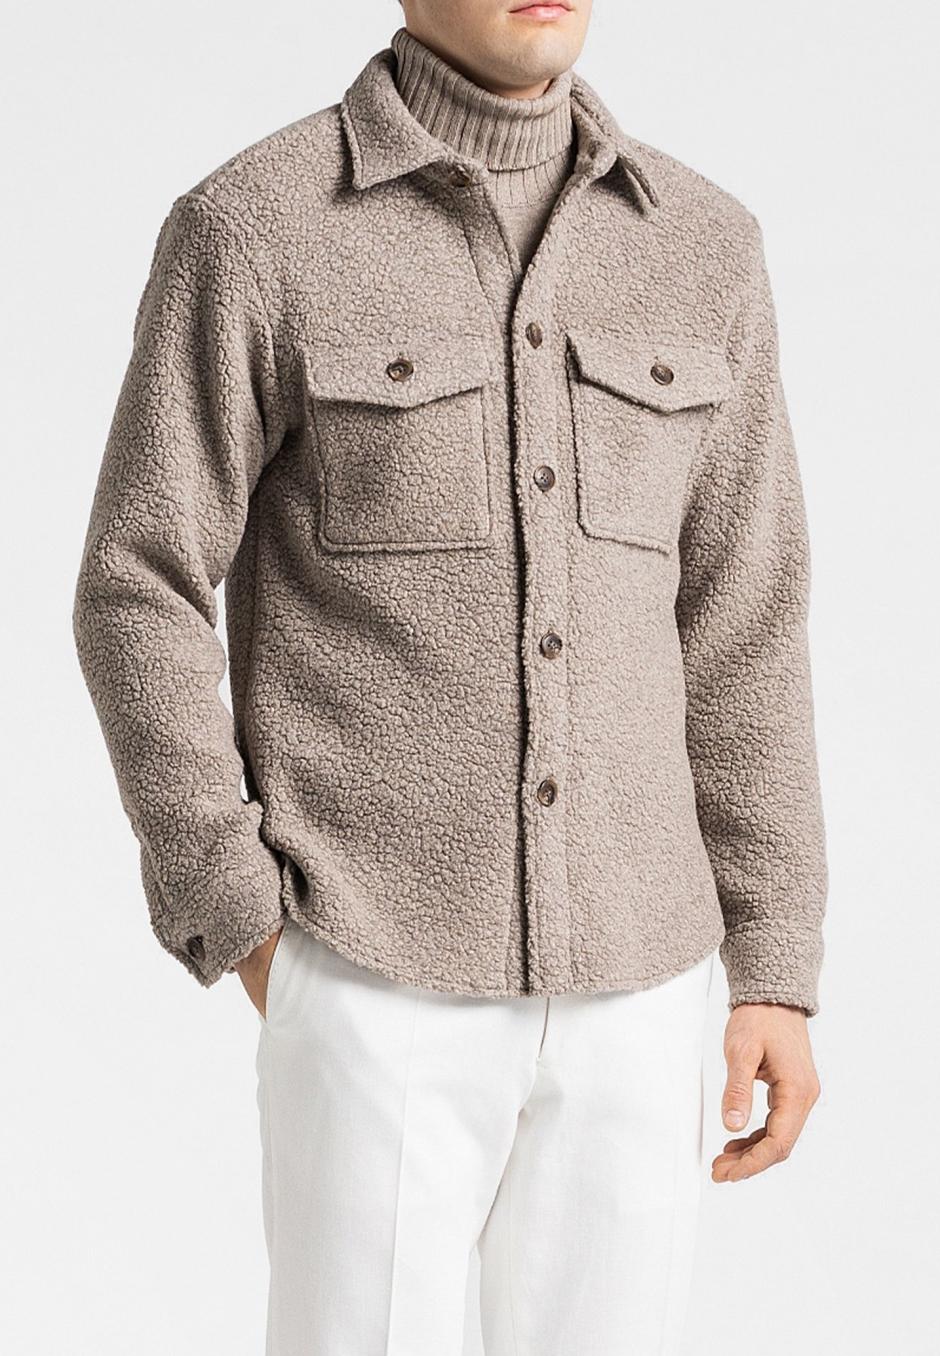 Oscar Jacobson Milron Shirt Jacket